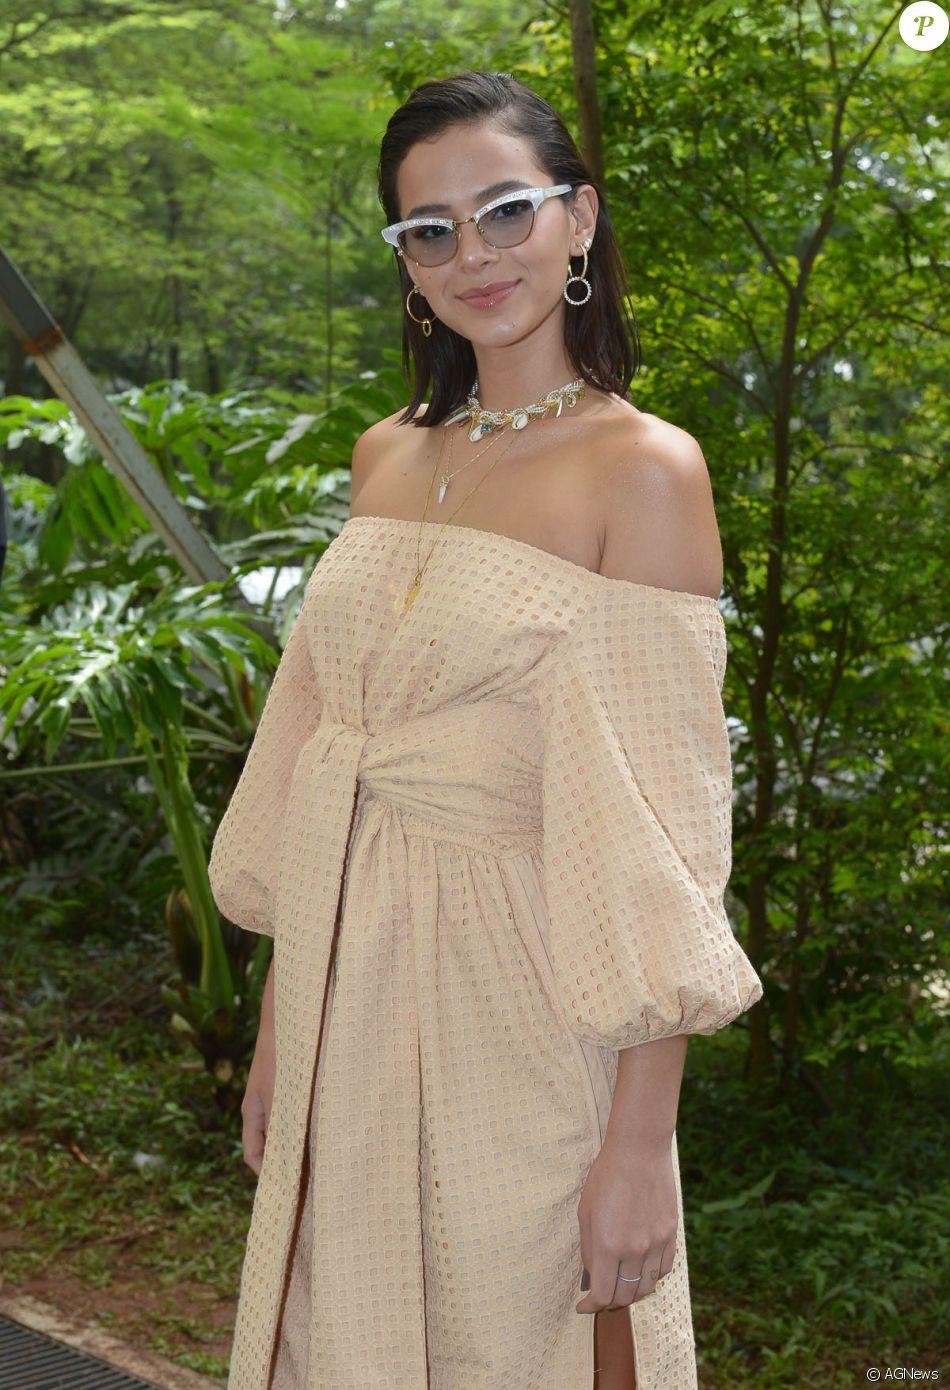 b8206bc47 Bruna Marquezine voltou a investir em óculos fashionistas com um modelo da  grife italiana Gucci, com detalhes de strass na armação